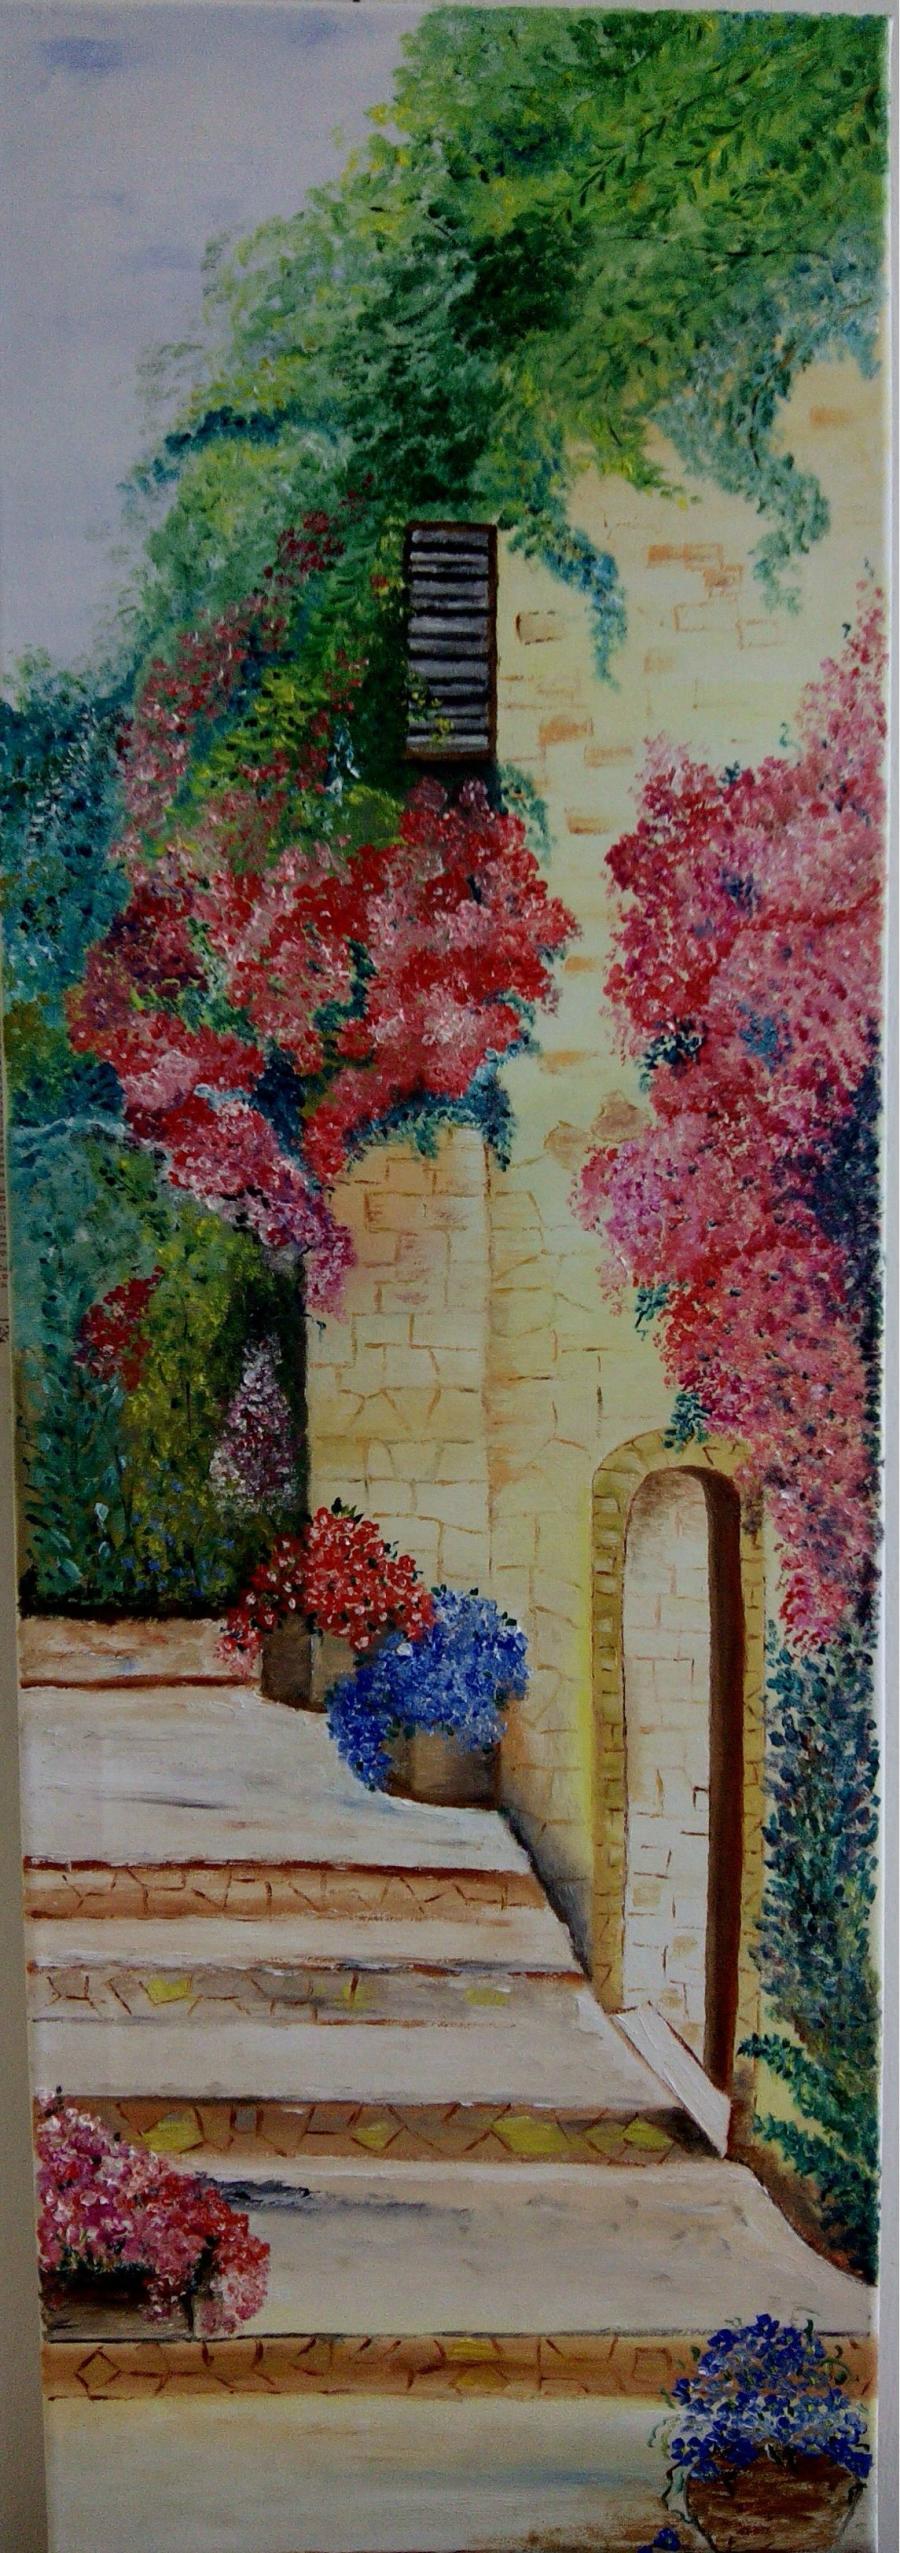 Picturi cu peisaje Ziduri si flori